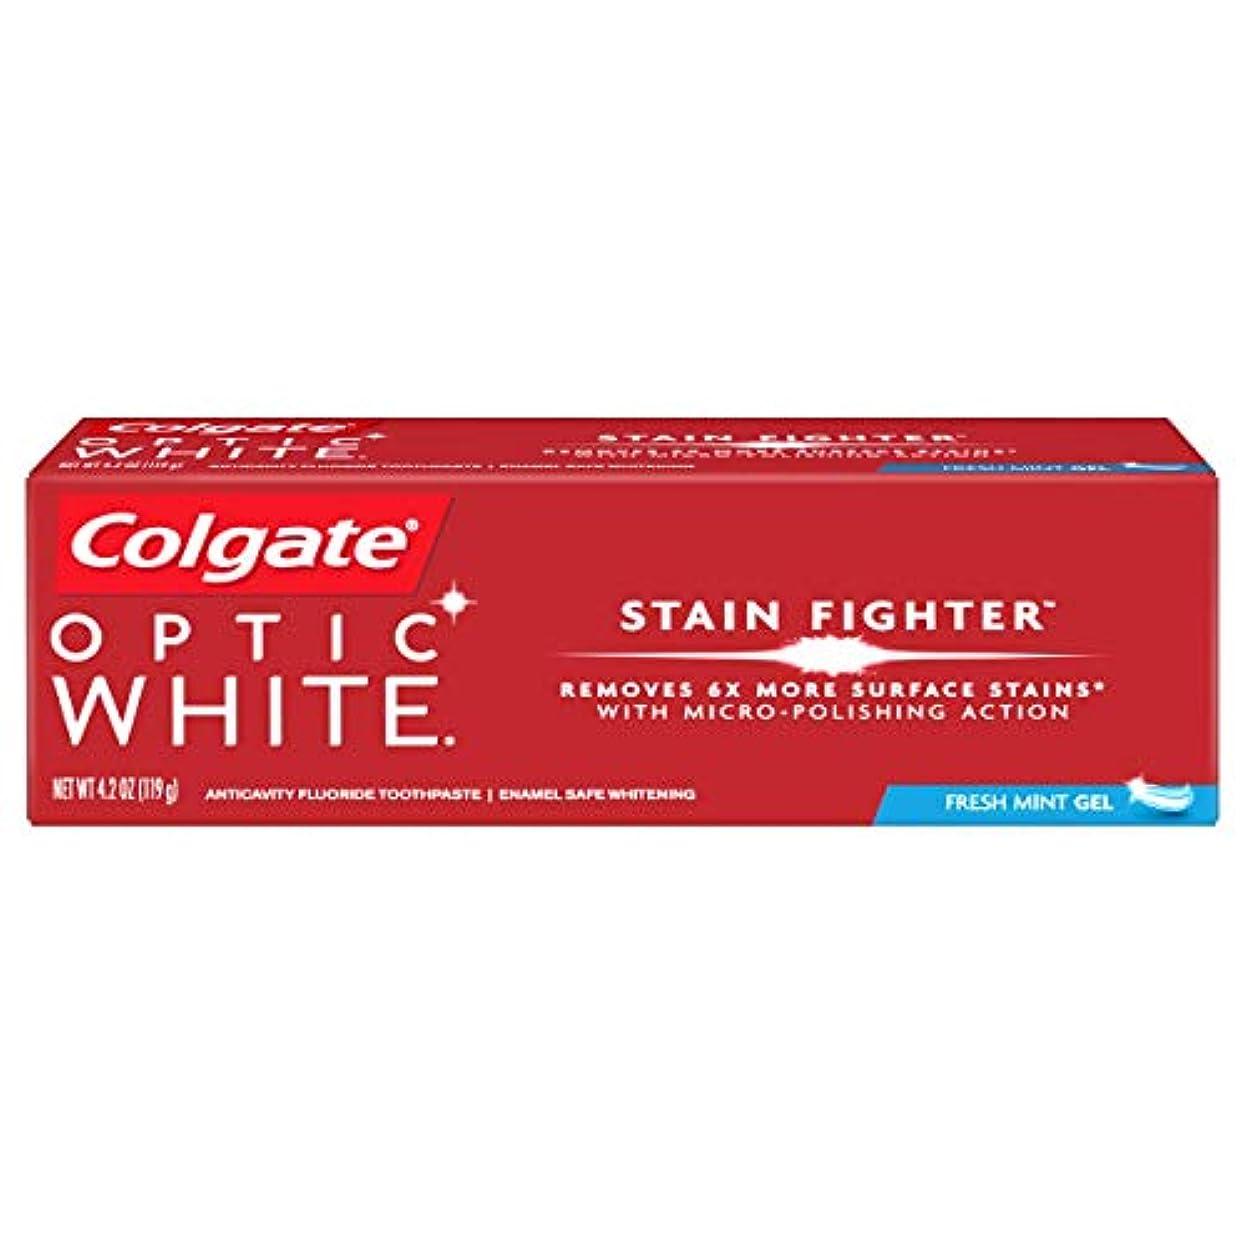 手順公データムコルゲート ホワイトニング Colgate 119g Optic White STAIN FIGHTER 白い歯 歯磨き粉 ミント (Fresh Mint)